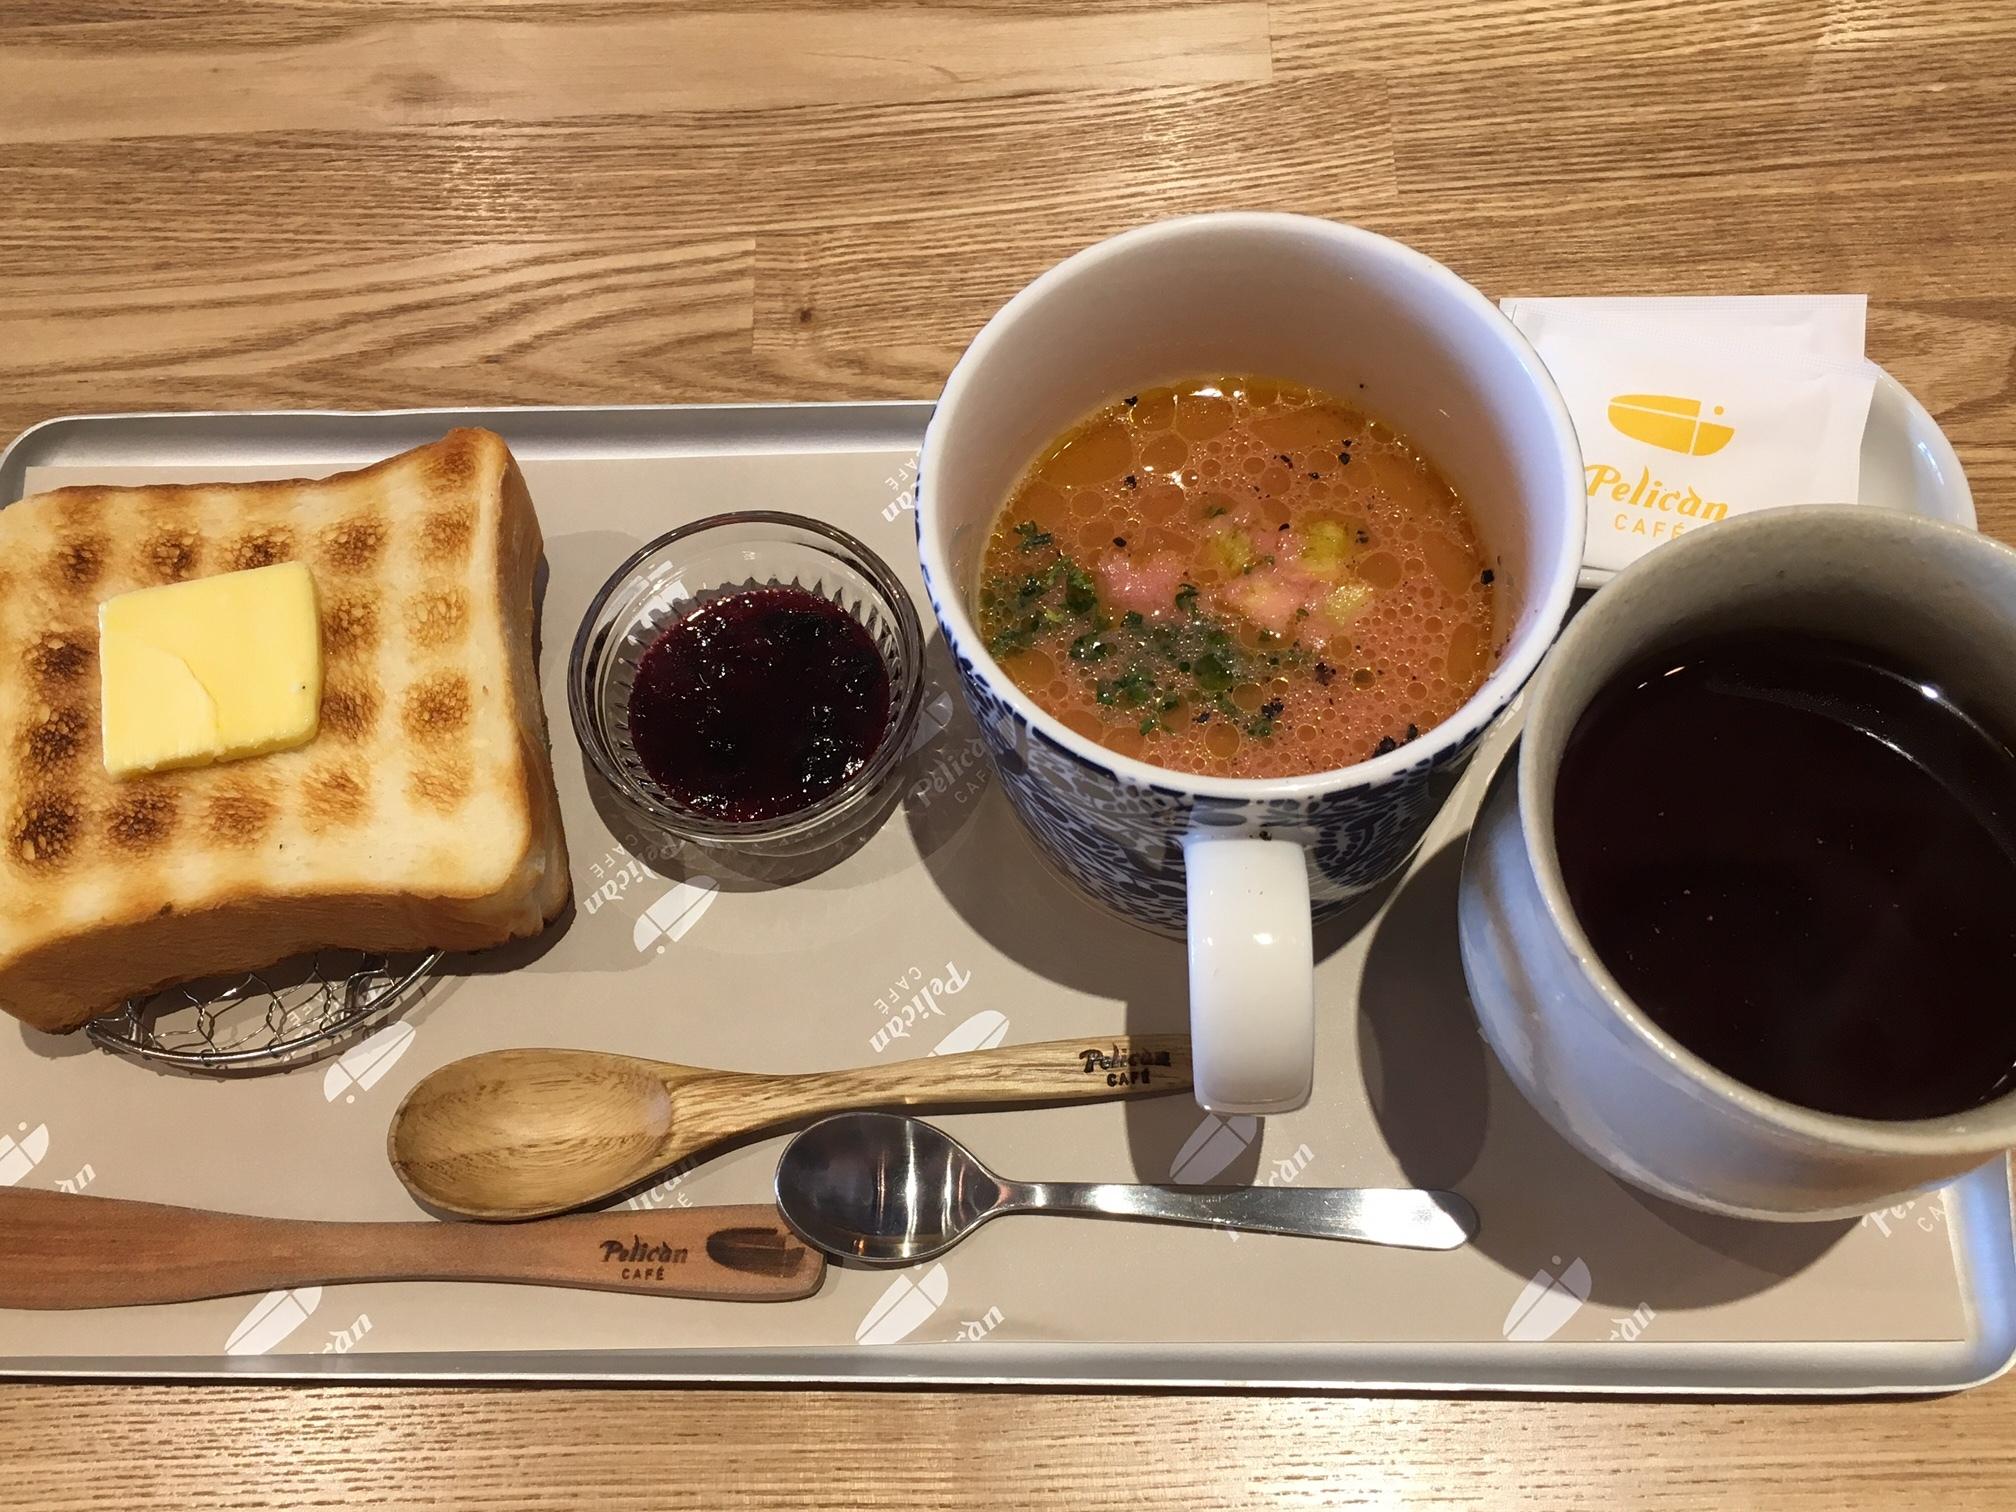 食パンとスープが衝撃の美味しさ「ペリカンカフェ」_1_1-1